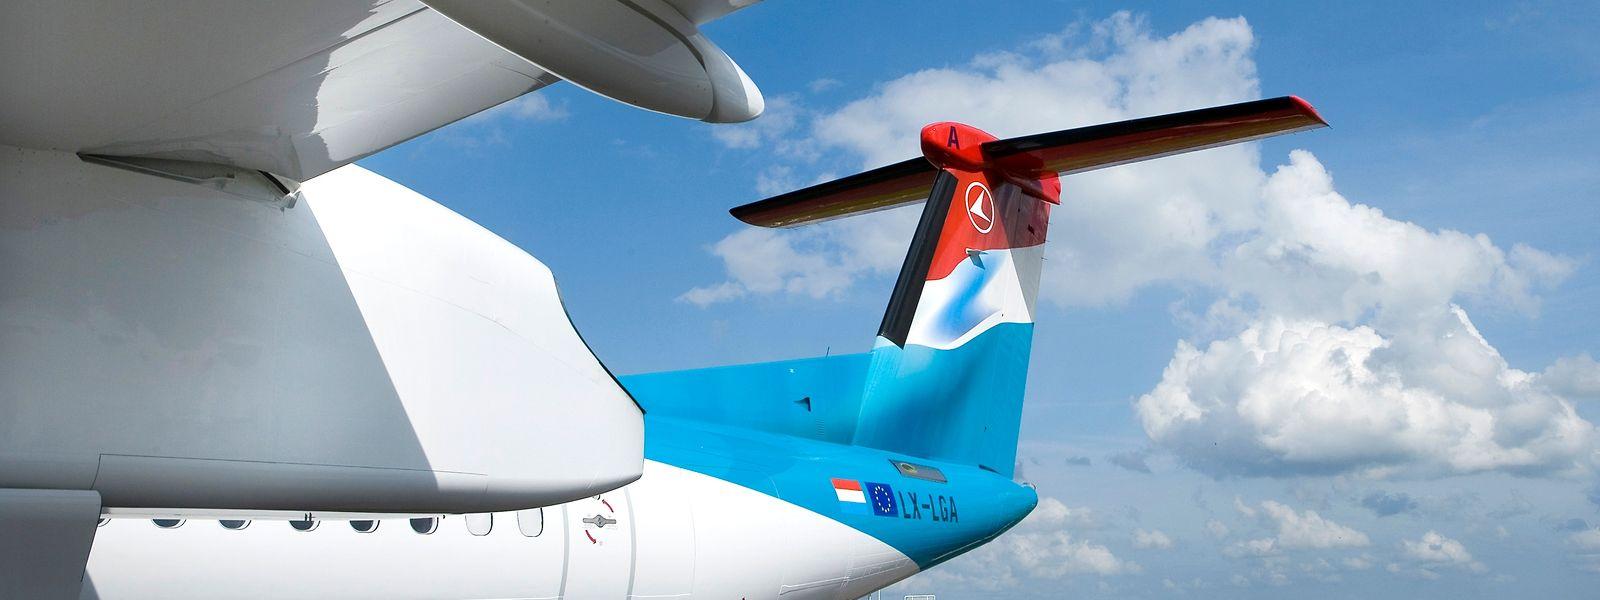 Die erste Maschine, die im Dezember von Leipzig aus beim Landeanflug in Saabrücken gelotst wurde, war eine von Luxair.